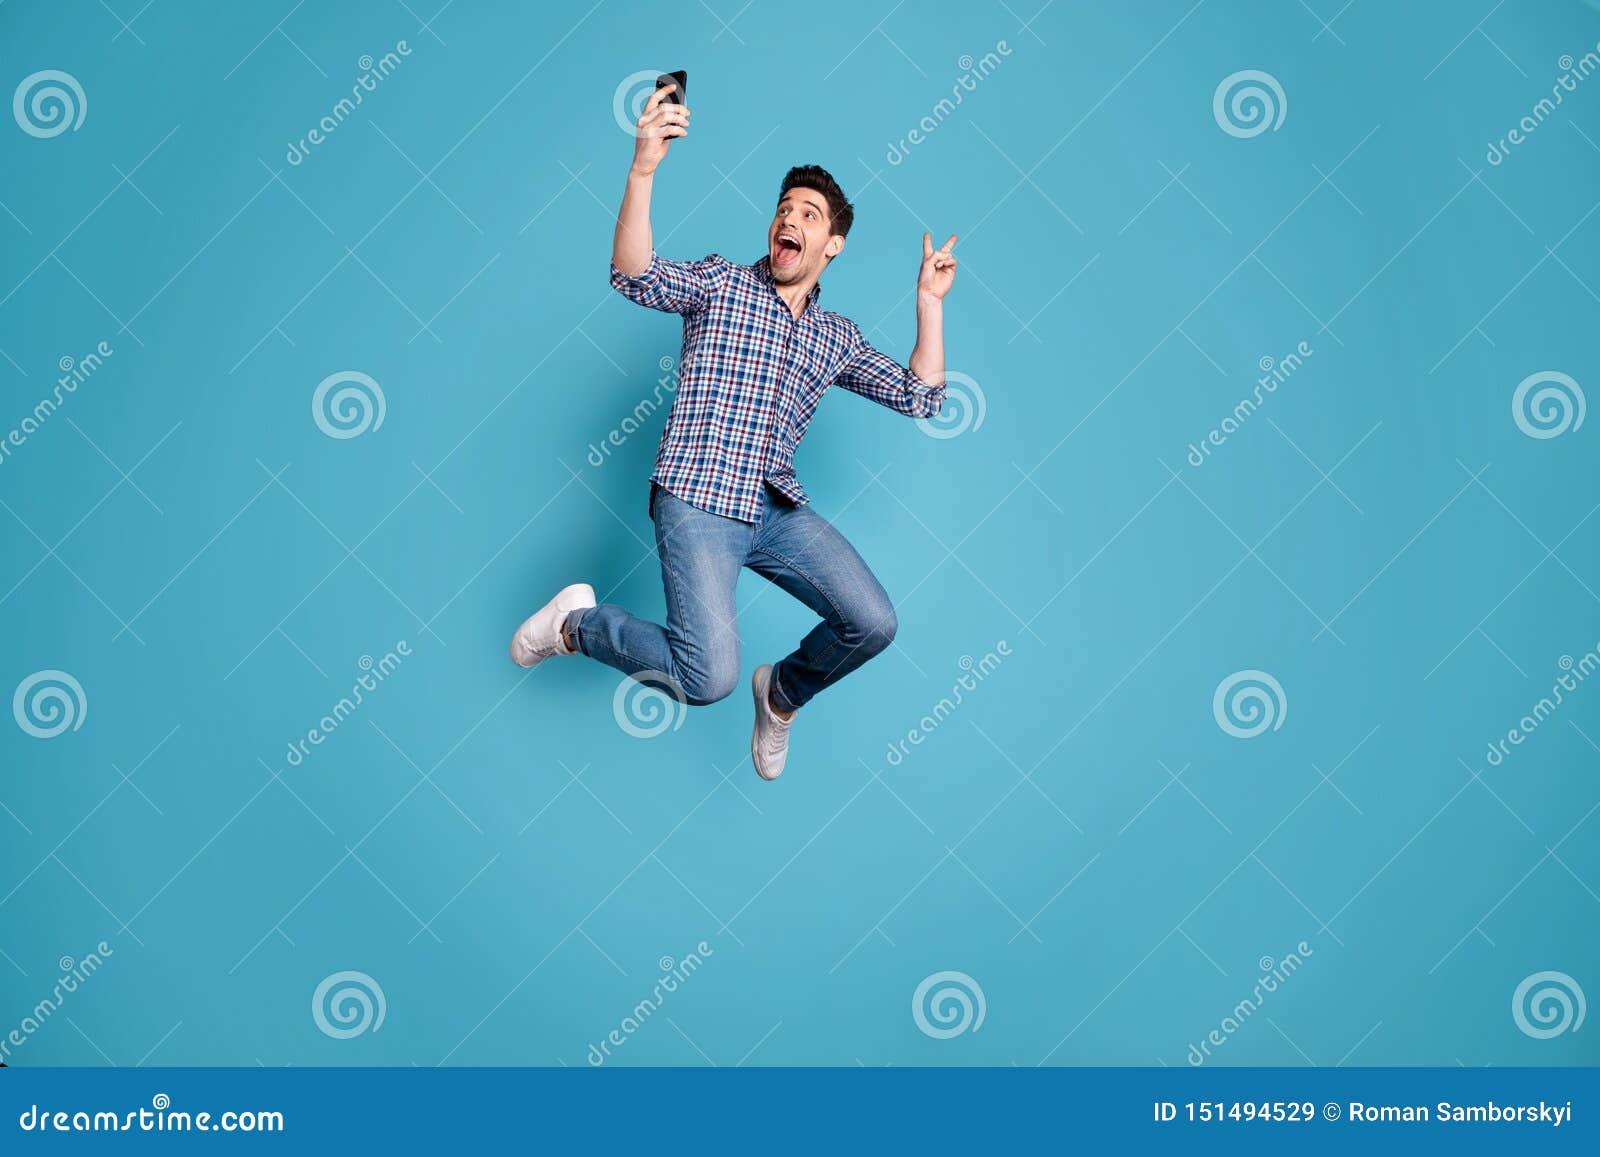 Körpergrößen-Ansichtfoto in voller Länge der überraschten verrückten flippigen Jugend Fotovzeichenfreizeit-Wochenendenfeiertage t